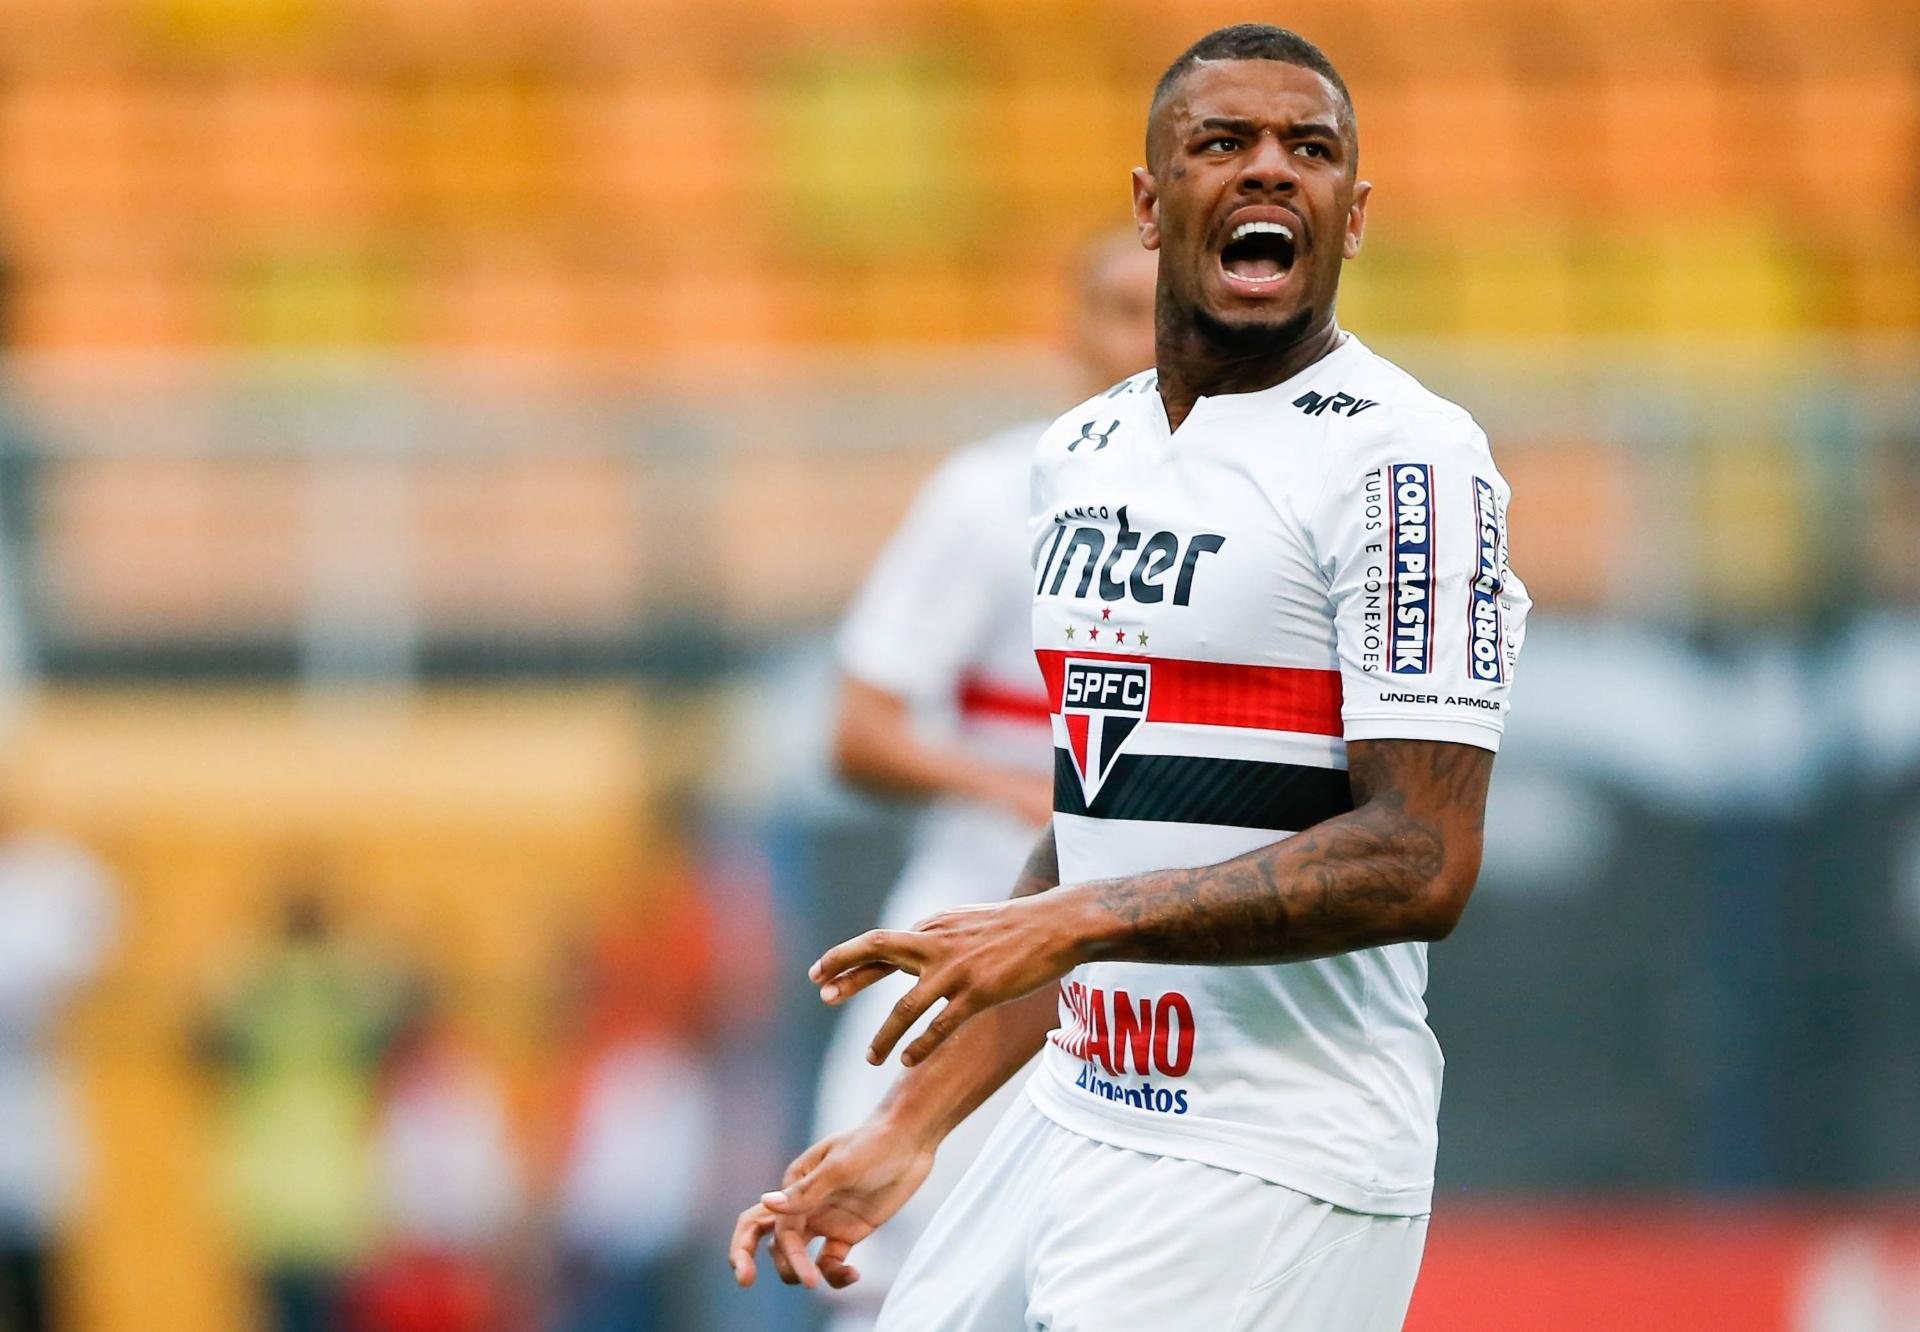 7cd70c8630c Lateral do SP nega procura do Corinthians e explica polêmica com mãe -  02 12 2017 - UOL Esporte